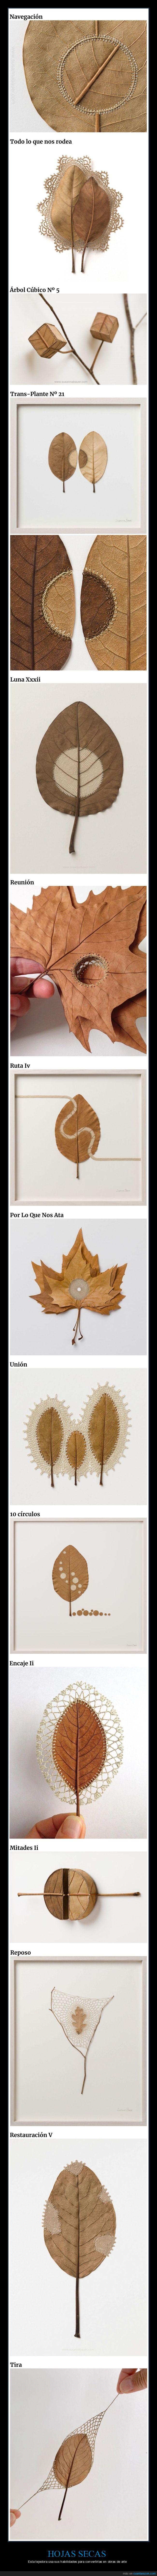 arte,hojas secas,tejedora